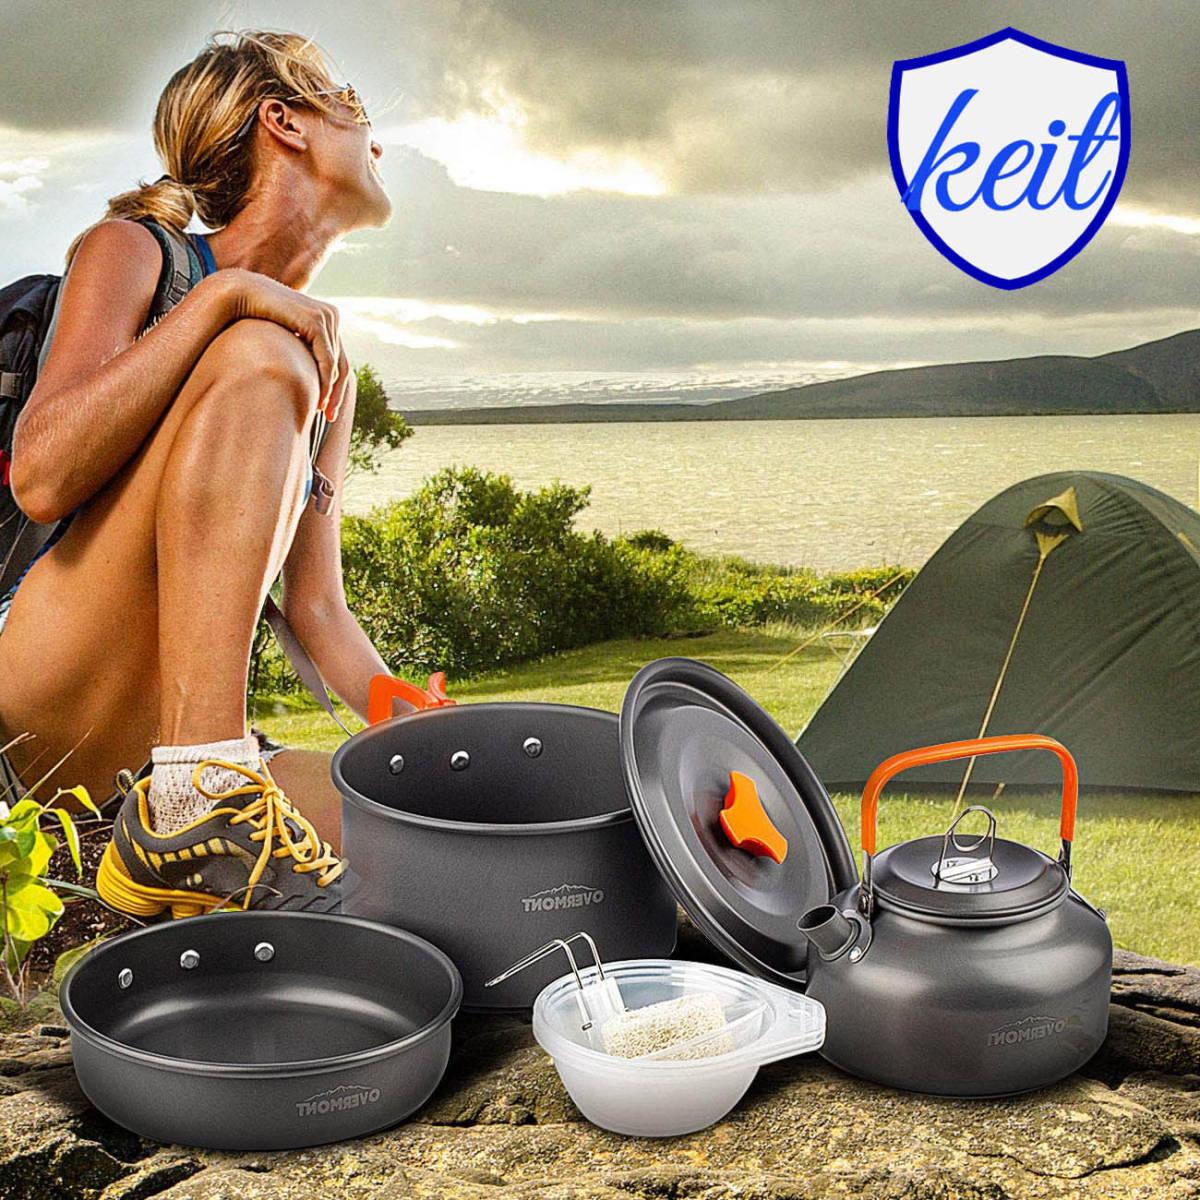 クッカーセット アウトドア鍋 アウトドアケトル キャンピング 調理器具 収納袋付き アルミ製 オレンジ